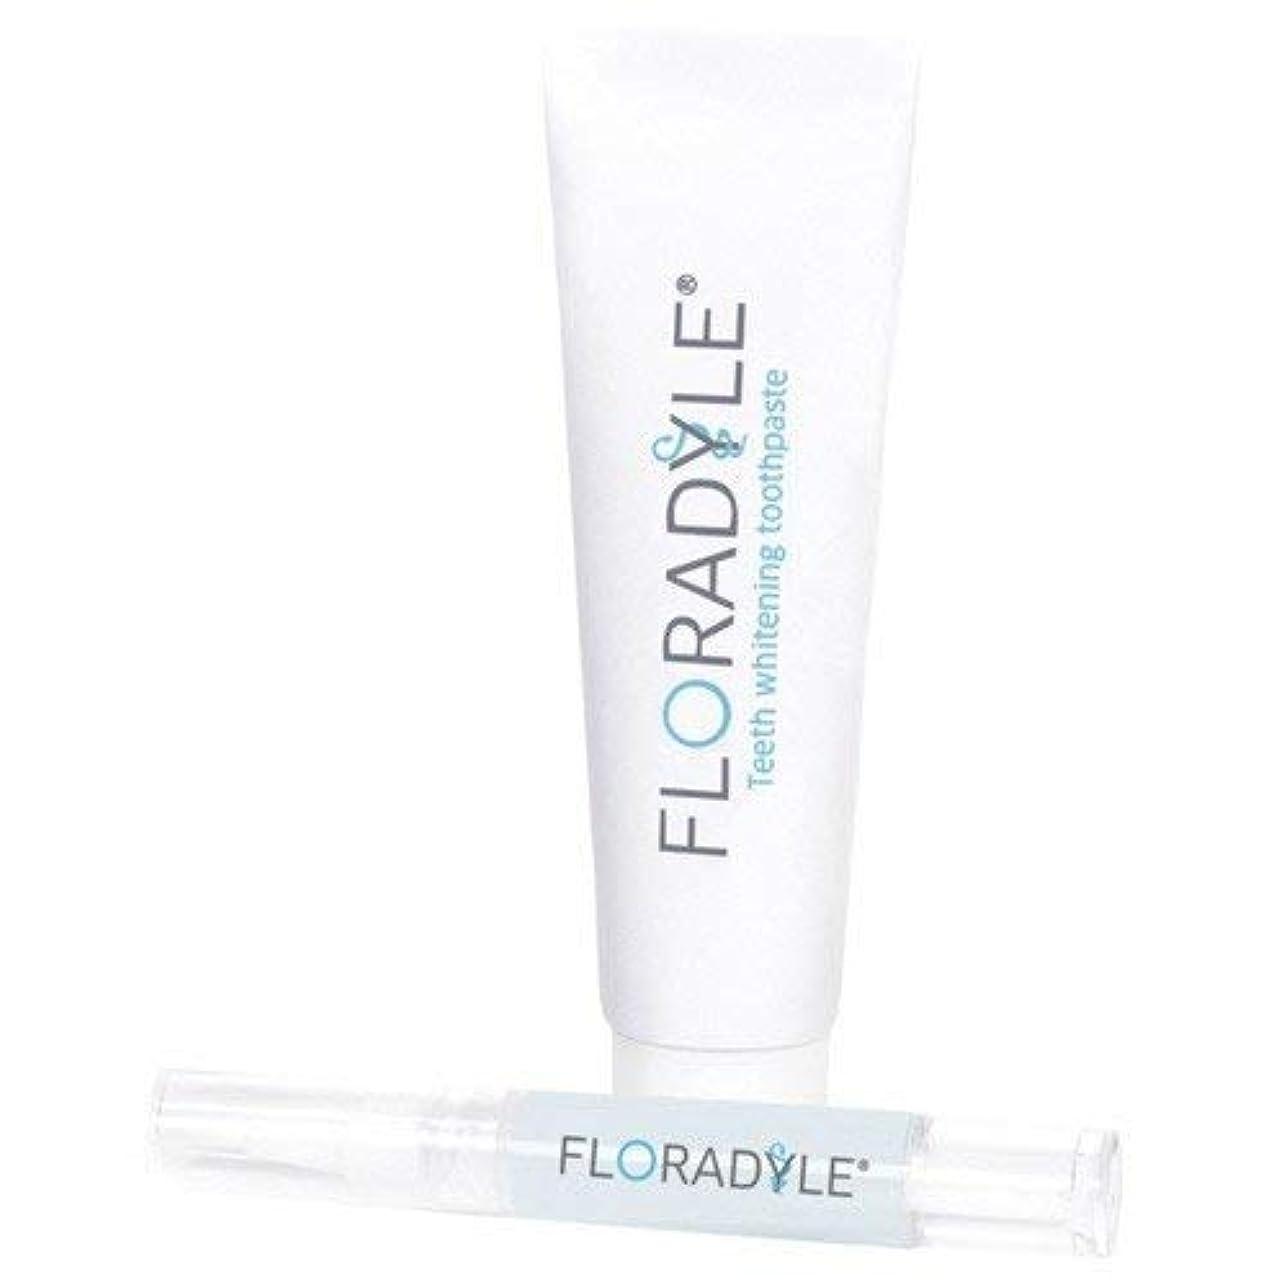 未接続首謀者下Floradyle(フロラダイル) ホワイトニングジェル&ホワイトニング歯磨き粉 セット